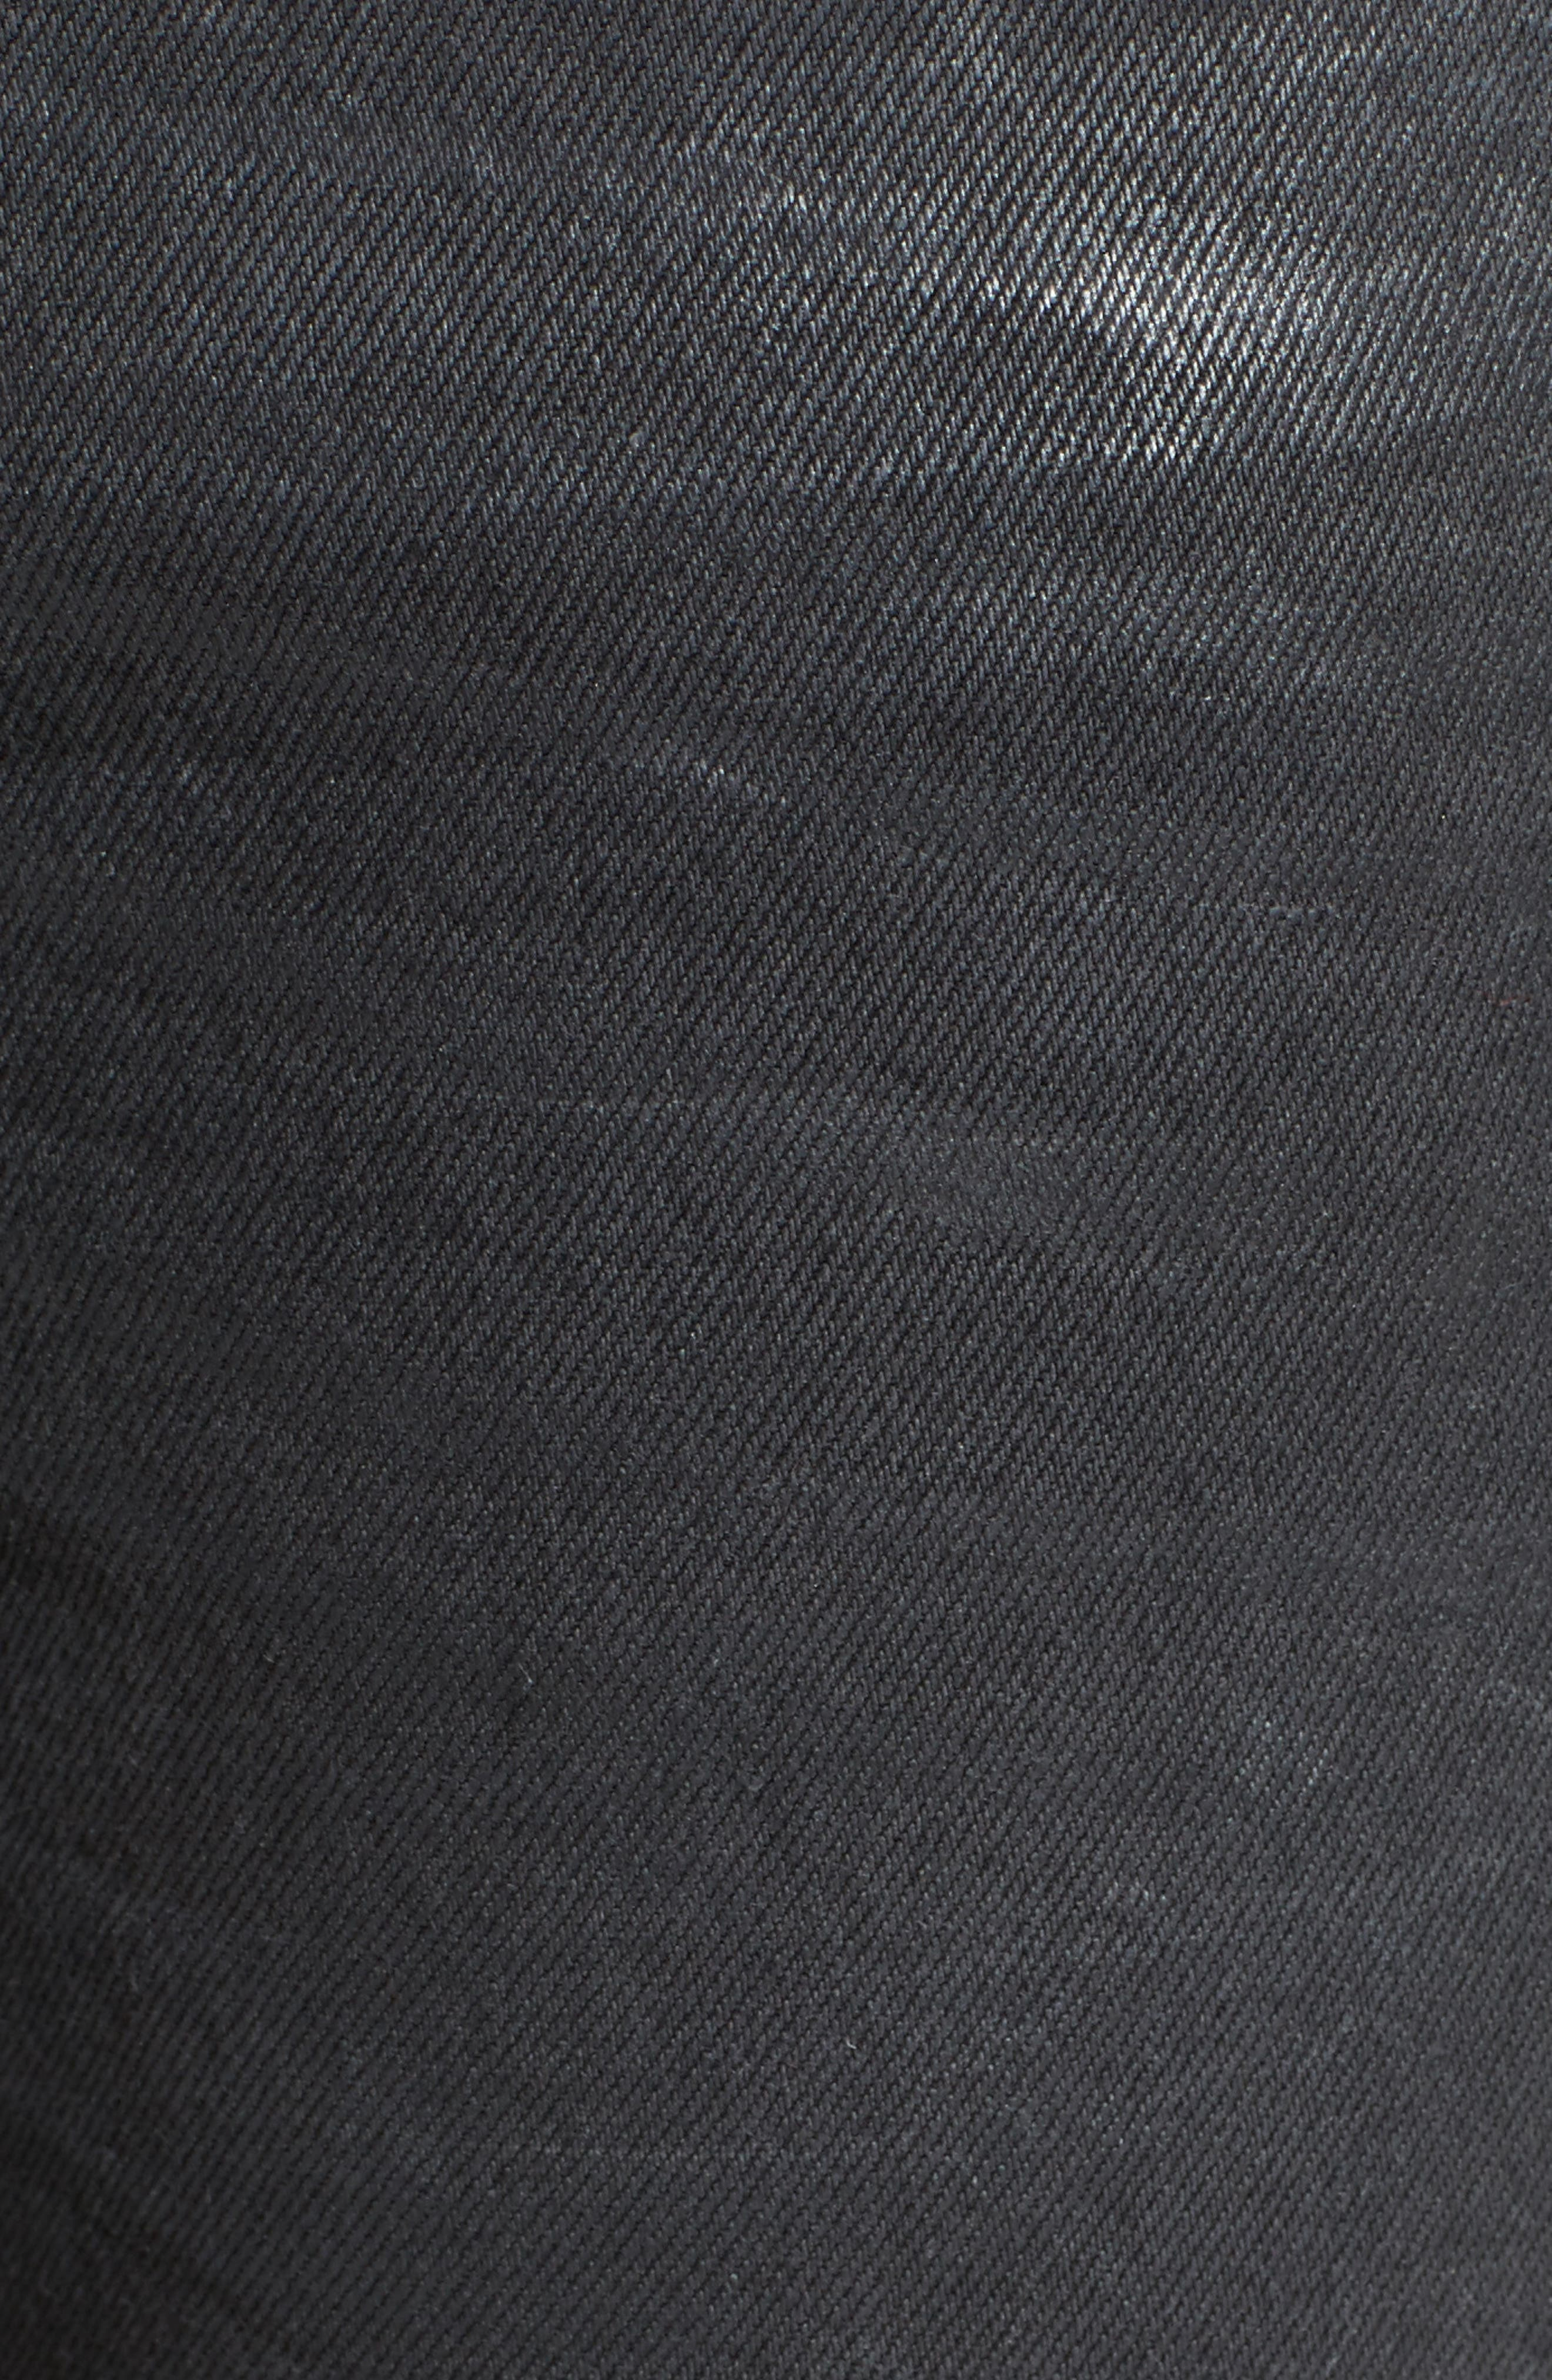 MR 87 Jeans,                             Alternate thumbnail 5, color,                             Eclipse Exhaust